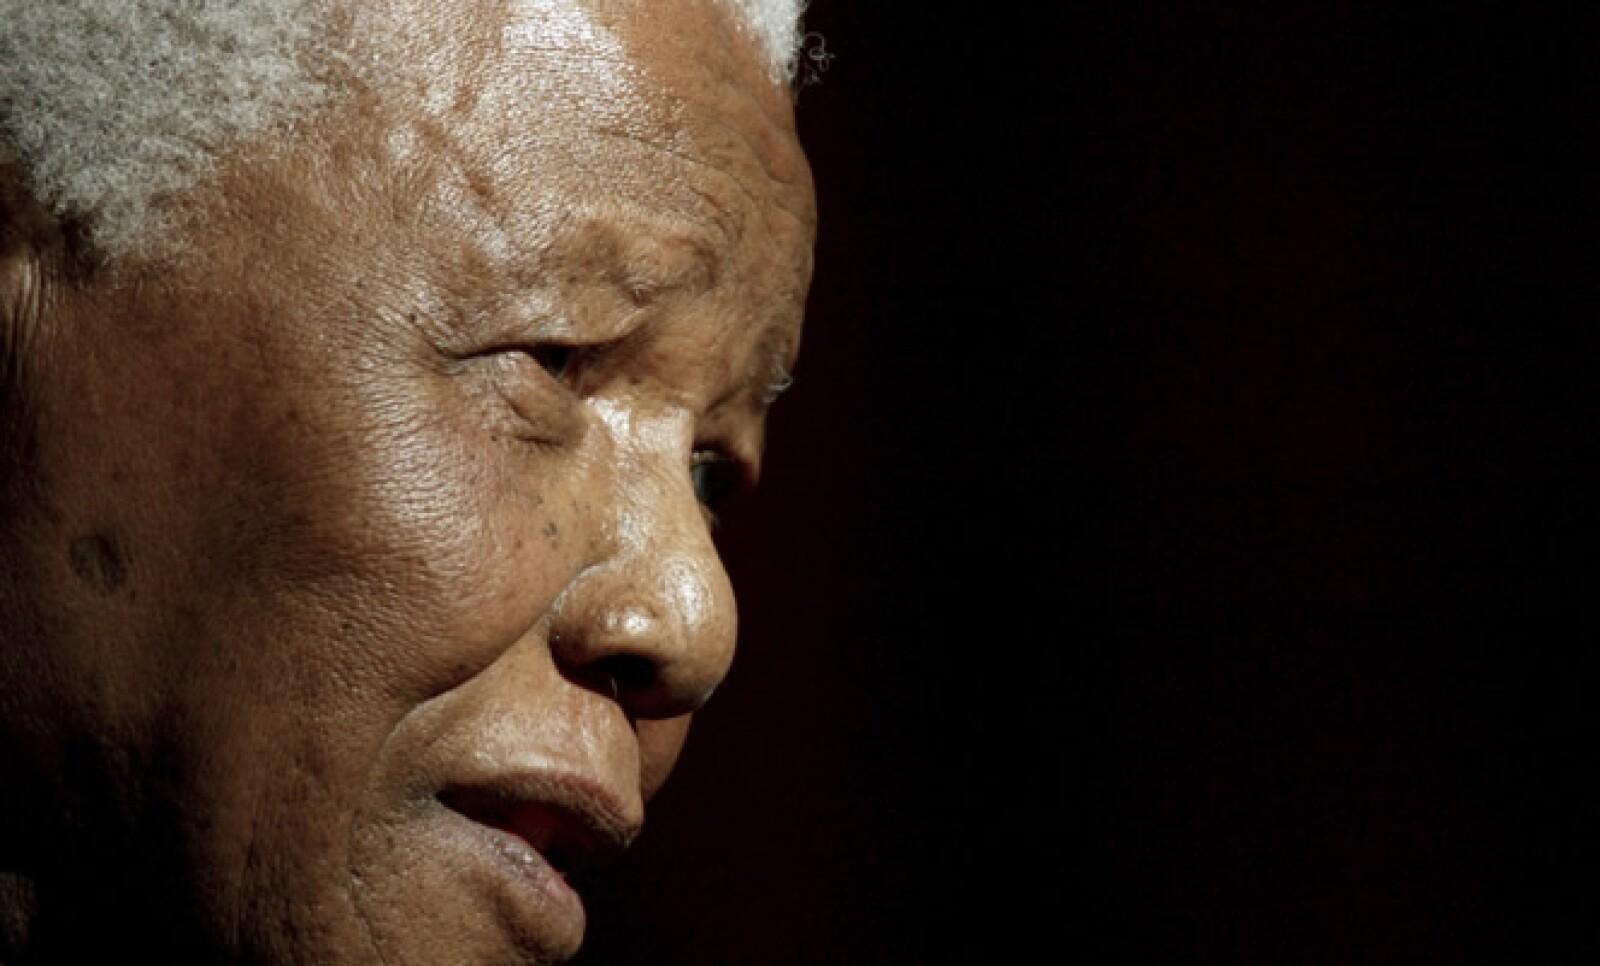 Los años que pasó tras las rejas hicieron que Mandela se convirtiera en el prisionero político más famoso del mundo y un líder de estatura sobrehumana para millones de sudafricanos negros que sufrieron bajo el régimen del apartheid, así como para otros op